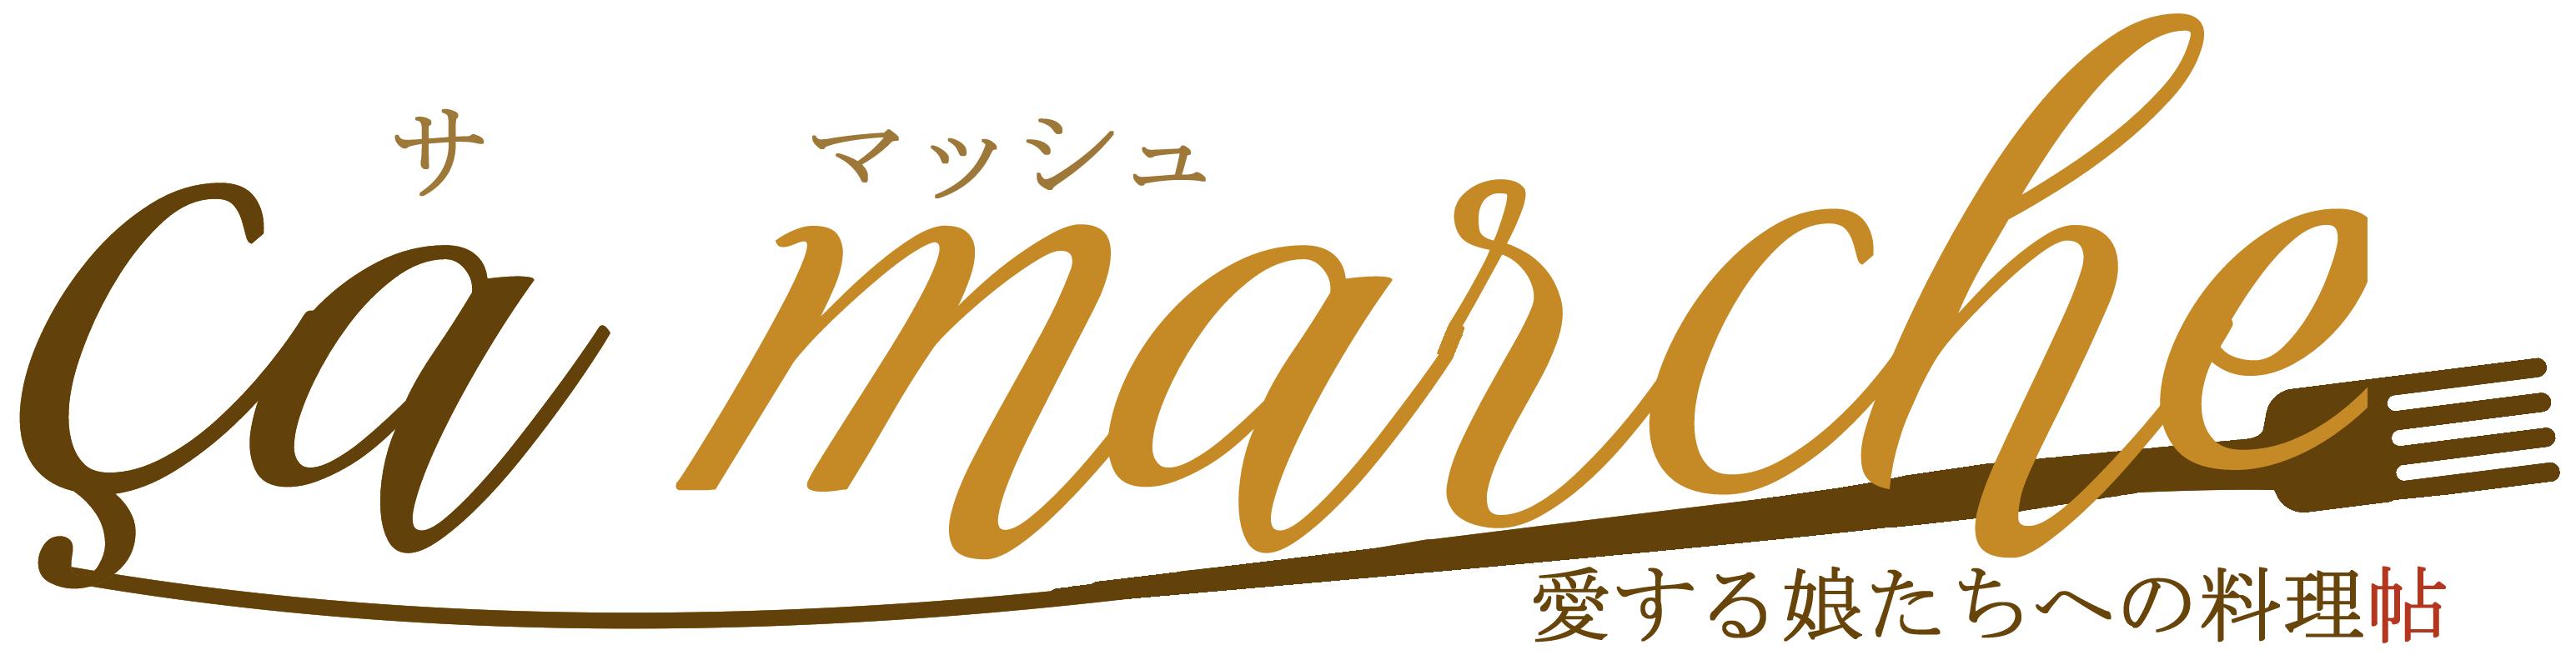 ca marche(サマッシュ)